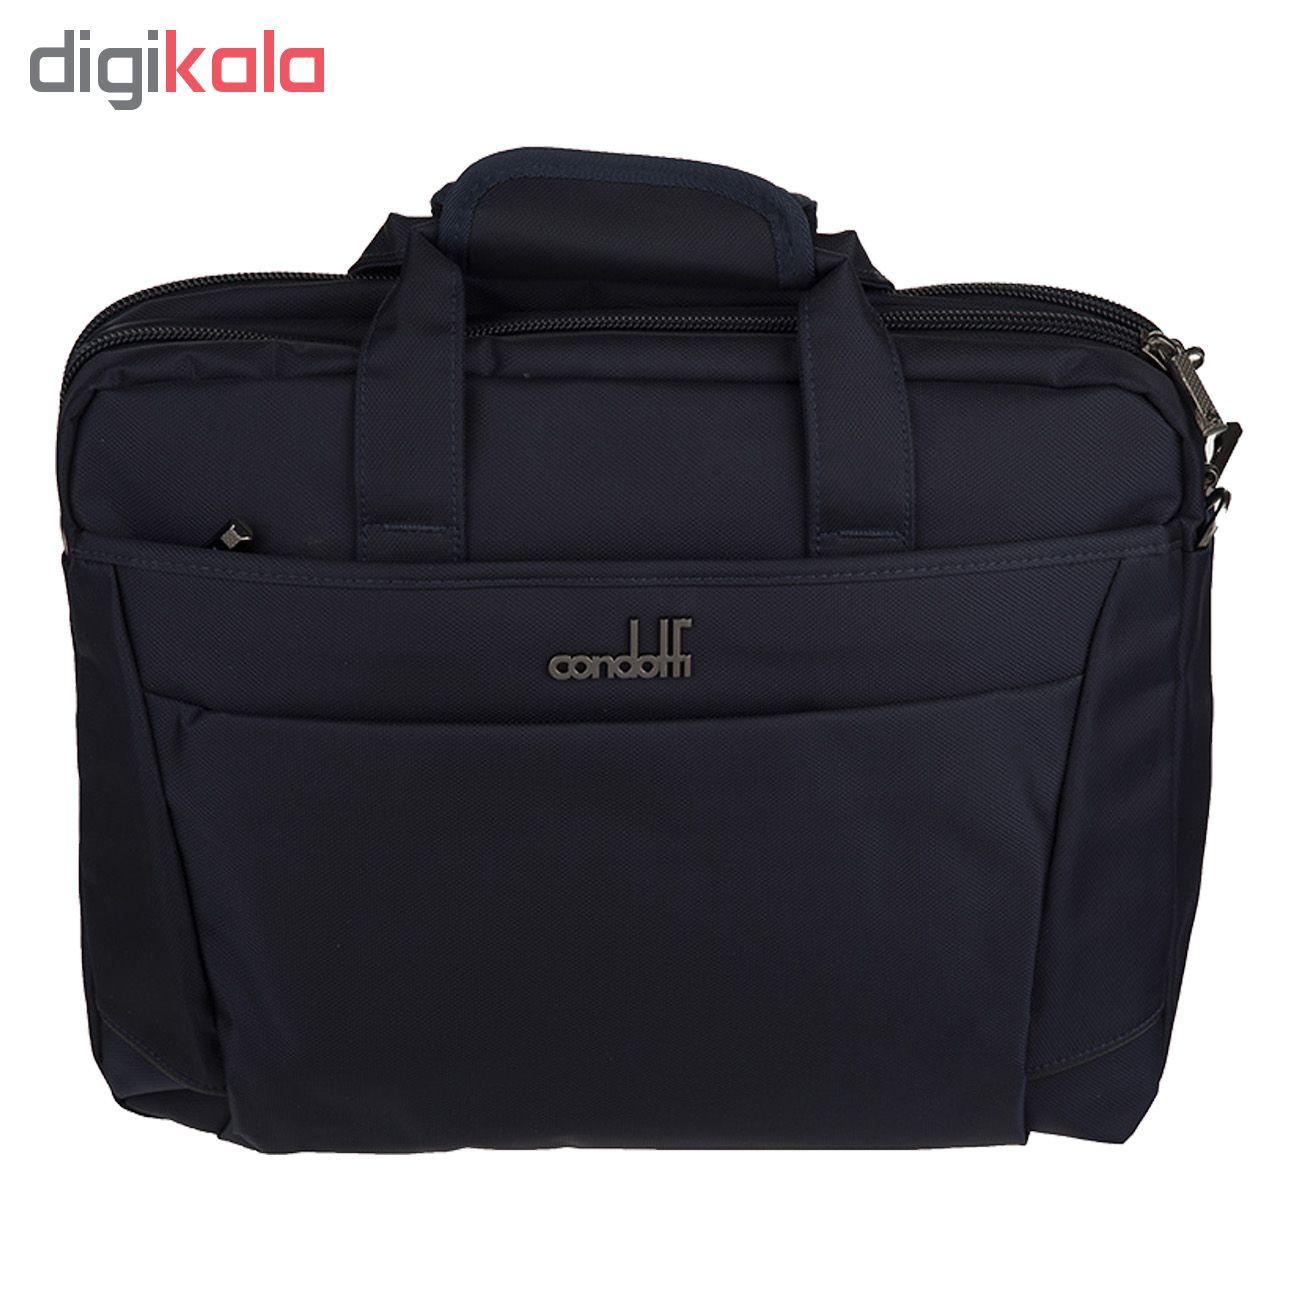 کیف لپ تاپ کندوتی مدل S-310-2 مناسب برای لپ تاپ 15.6 اینچی